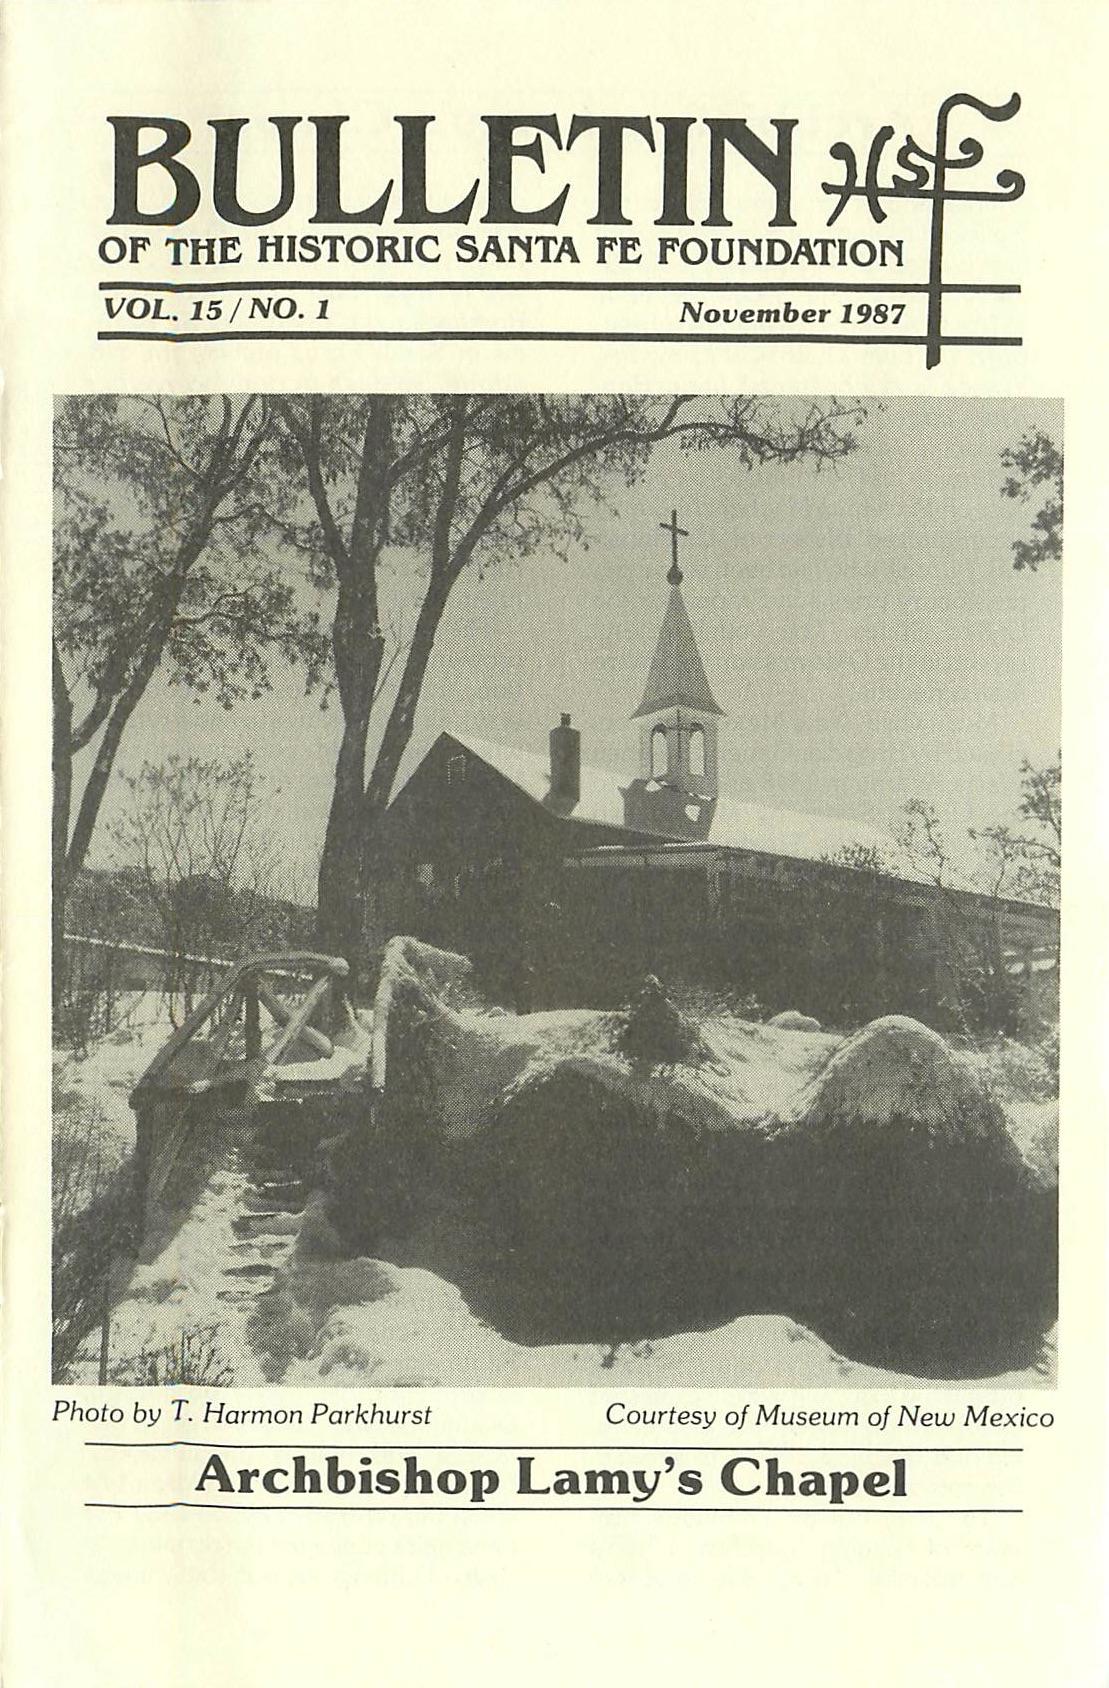 1987 HSFF Bulletin Vol.15 No.1 Cover